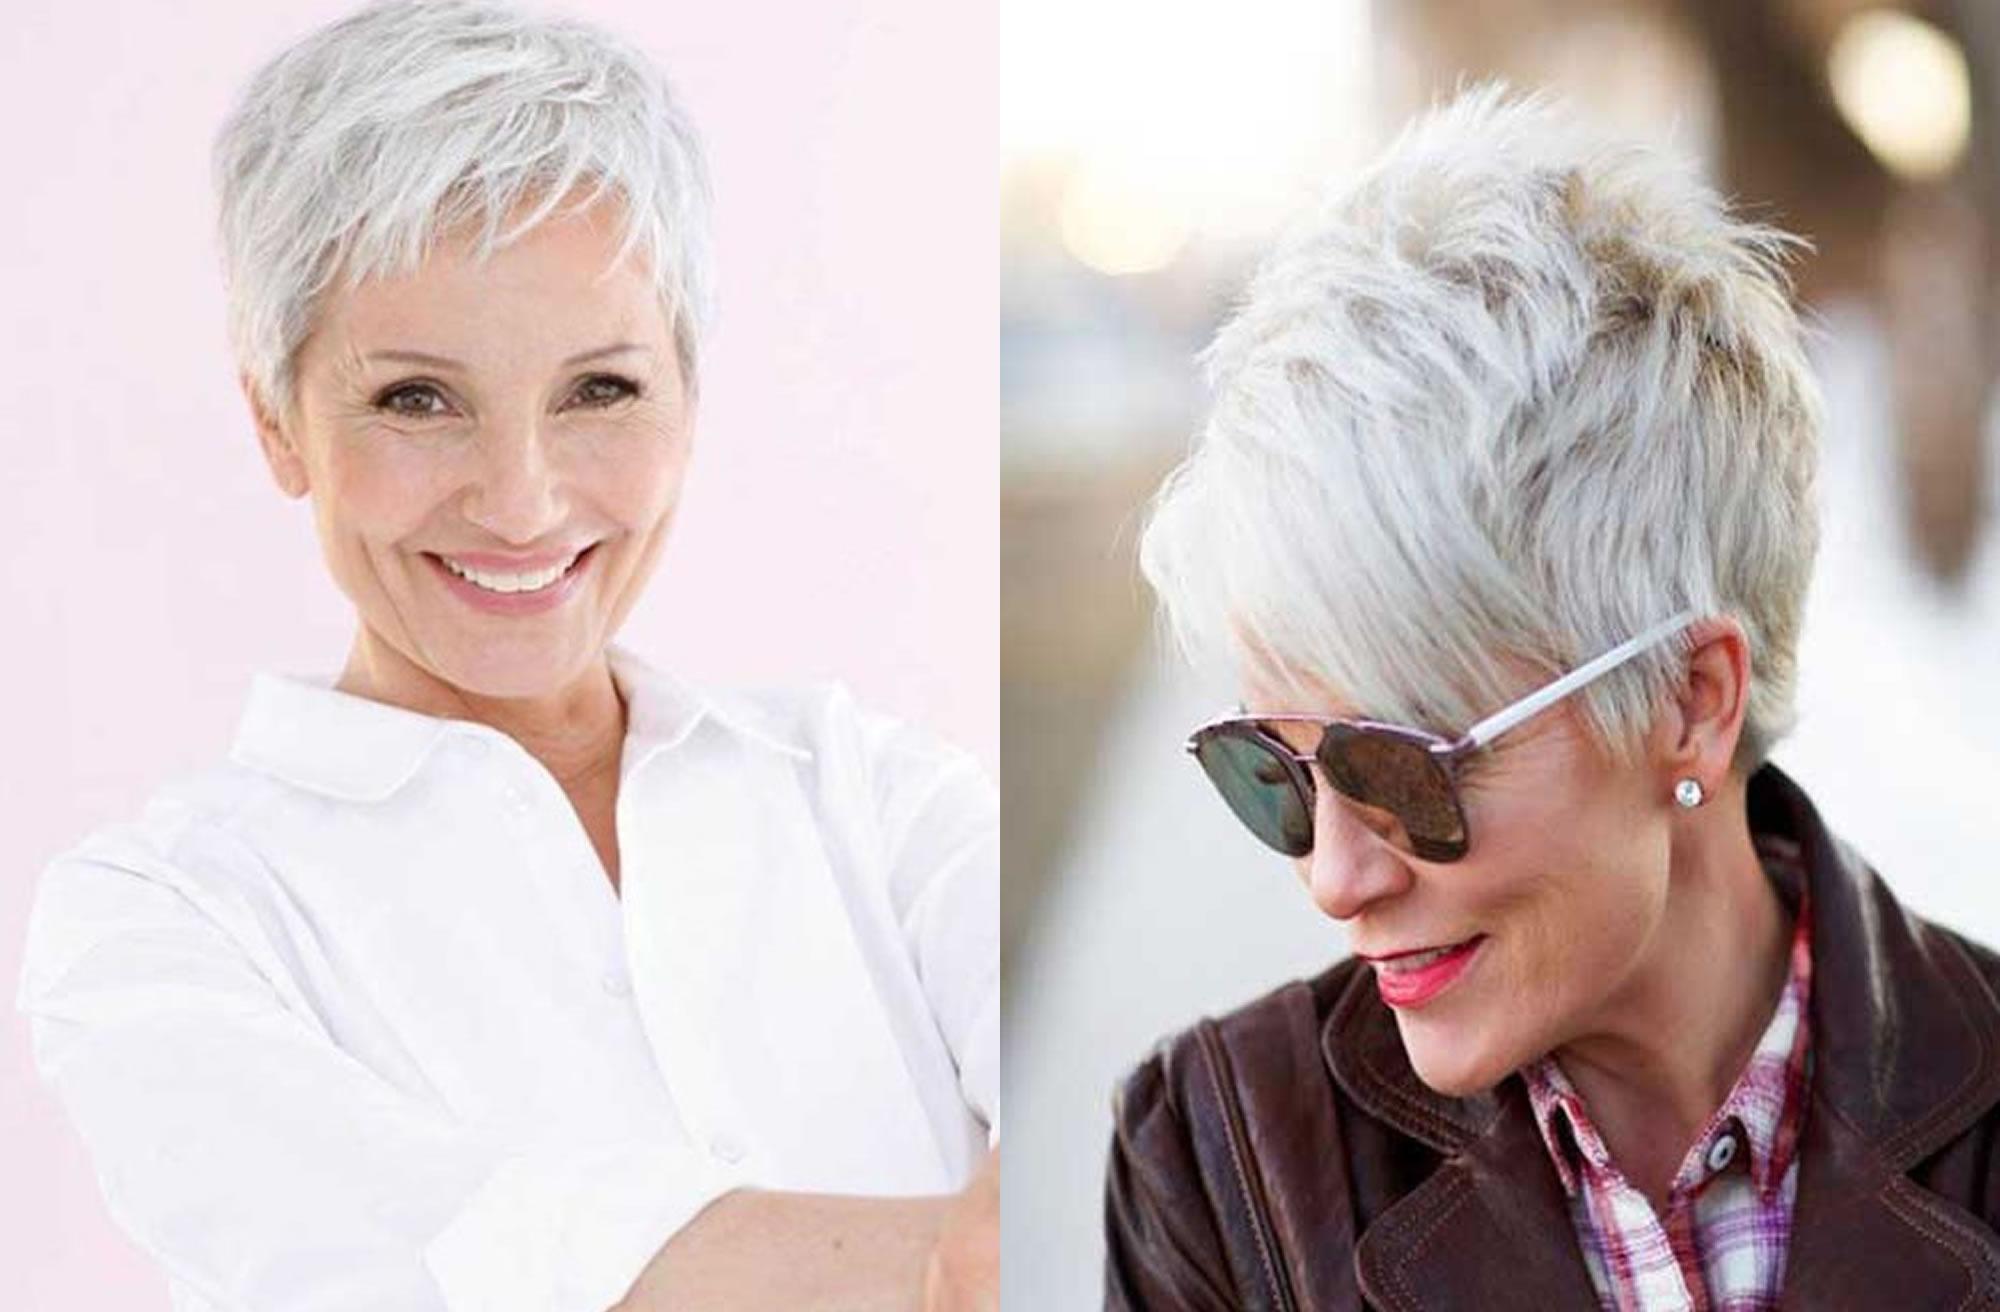 модные стрижки 2019 на короткие волосы для женщин за 50 лет, фото новинки 4